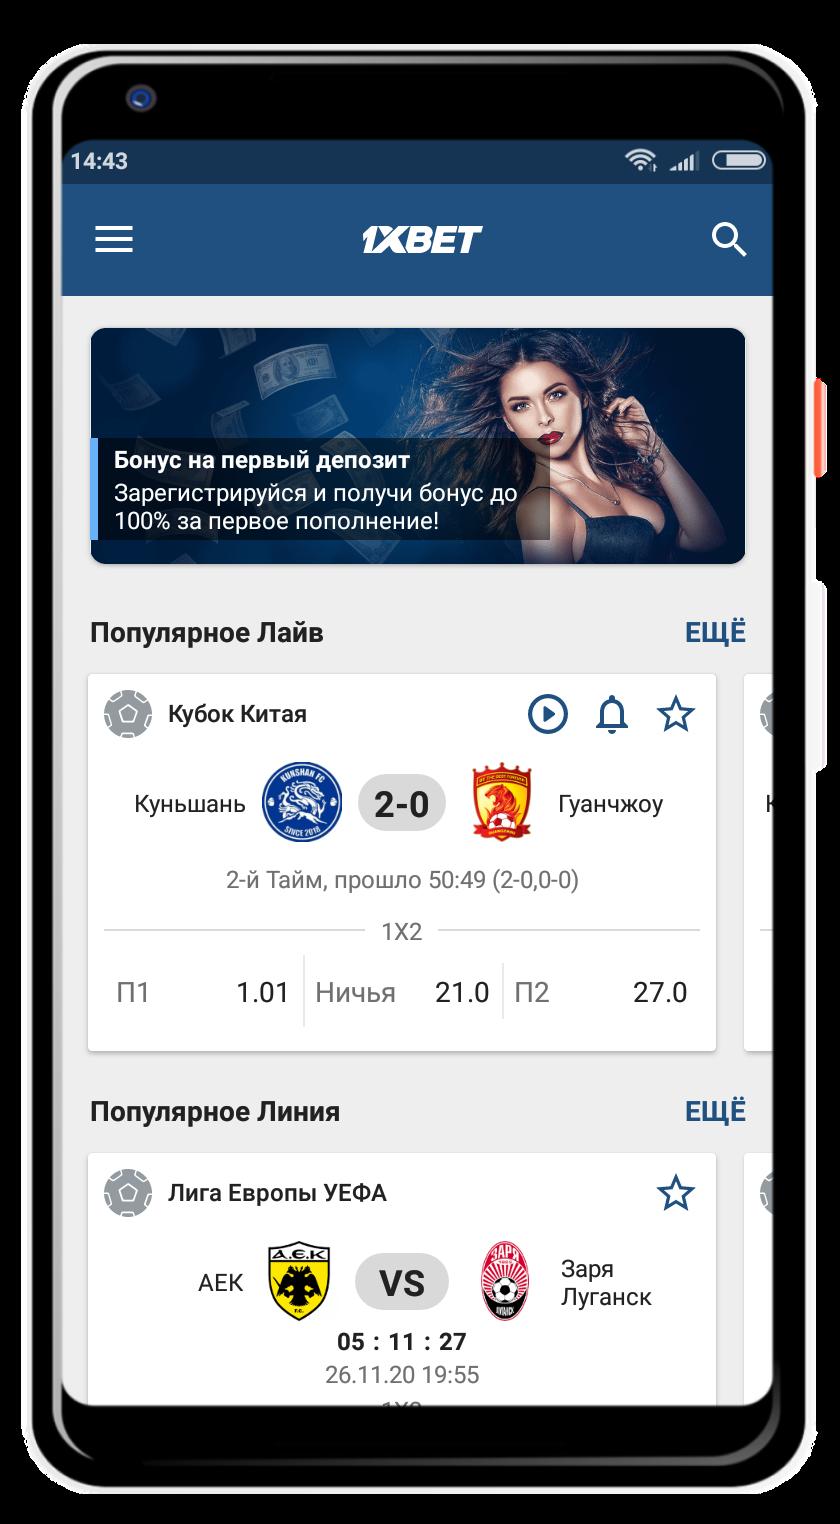 андроид приложение главная 1хбет